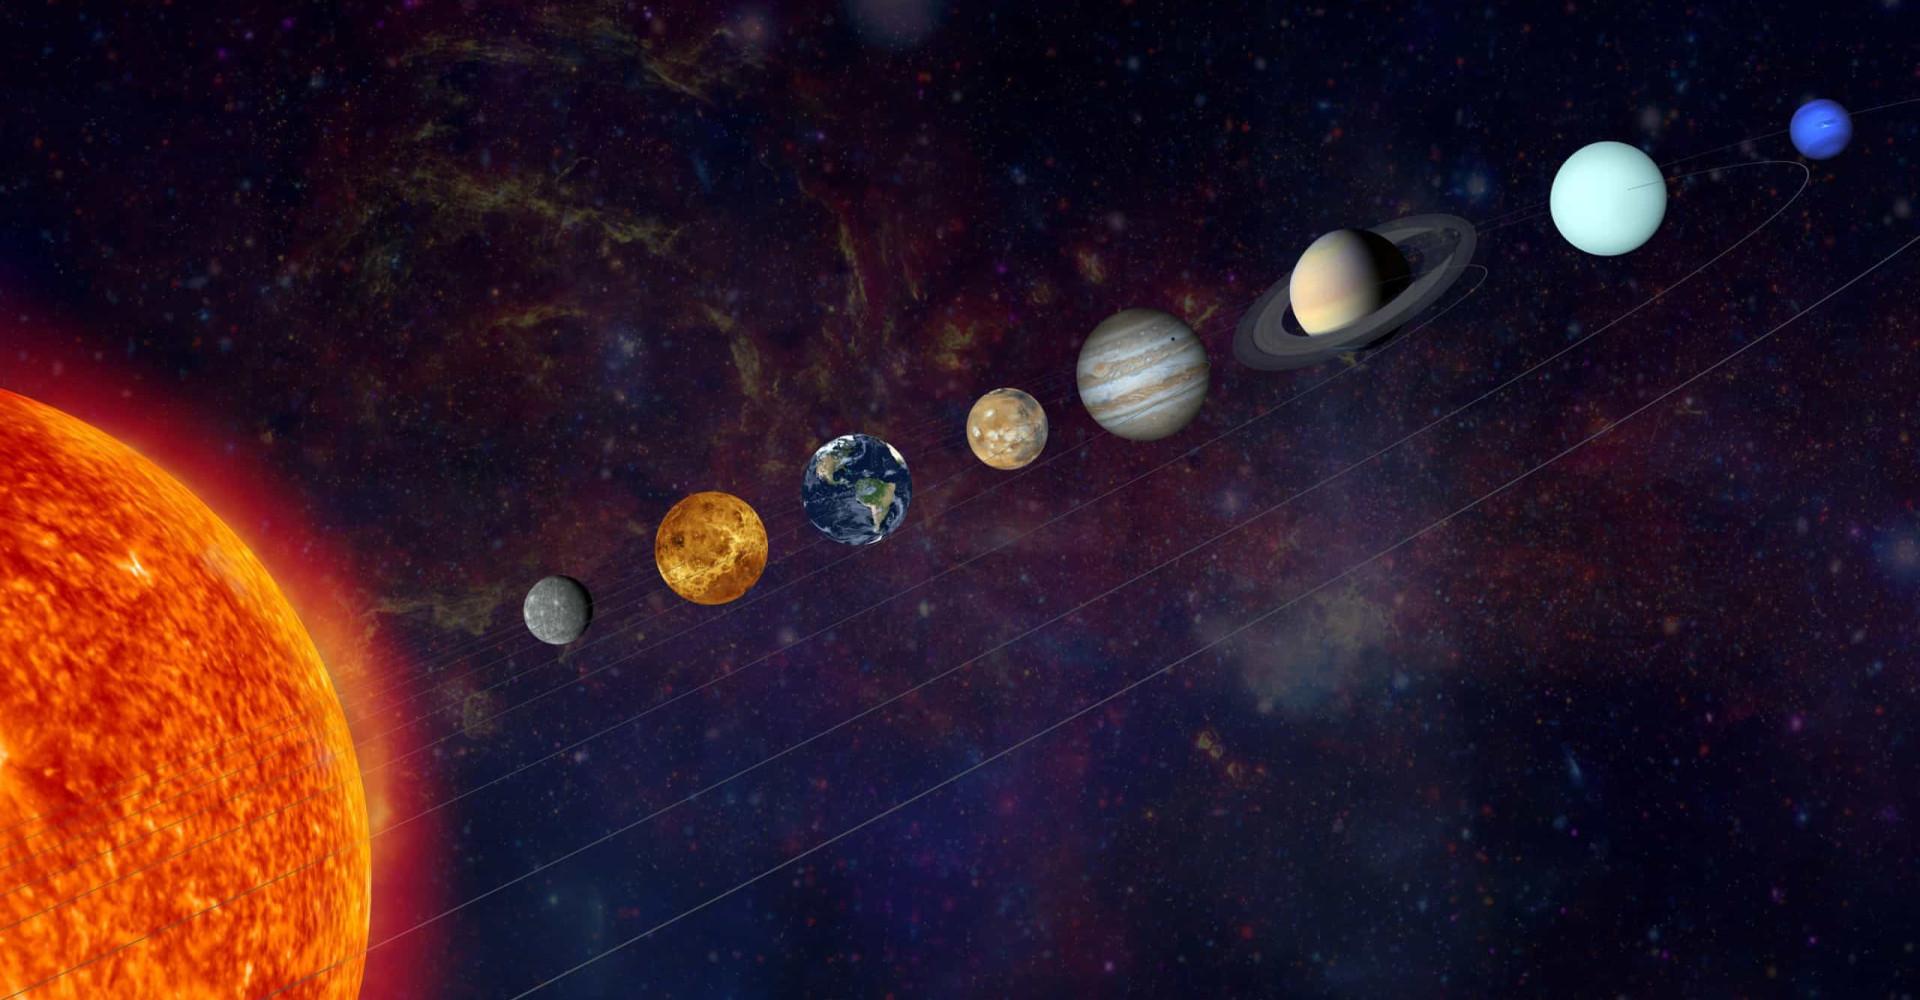 Mercure rétrograde: mais qu'est-ce que ça veut dire?